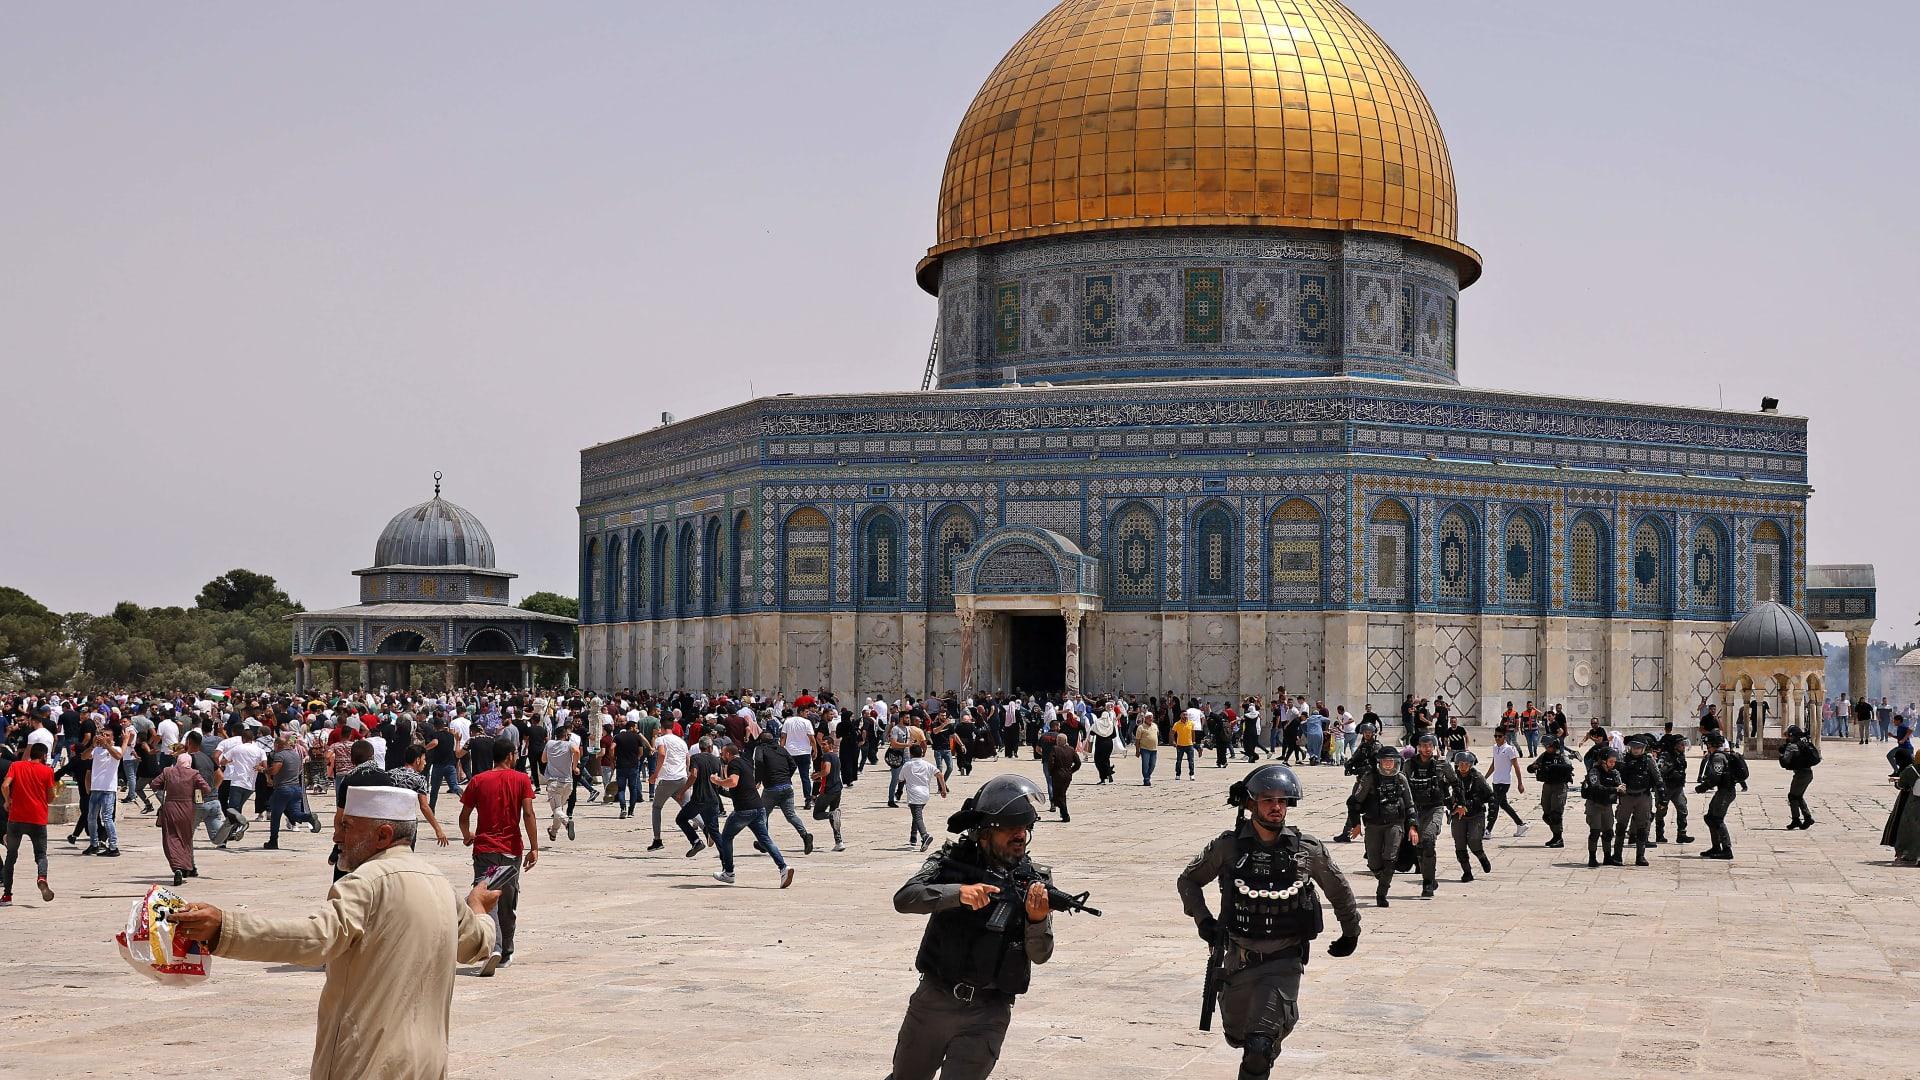 اشتباكات بين قوات الأمن الإسرائيلية ومصلين فلسطينيين مسلمين في المسجد الأقصى بالقدس في 21 مايو 2021